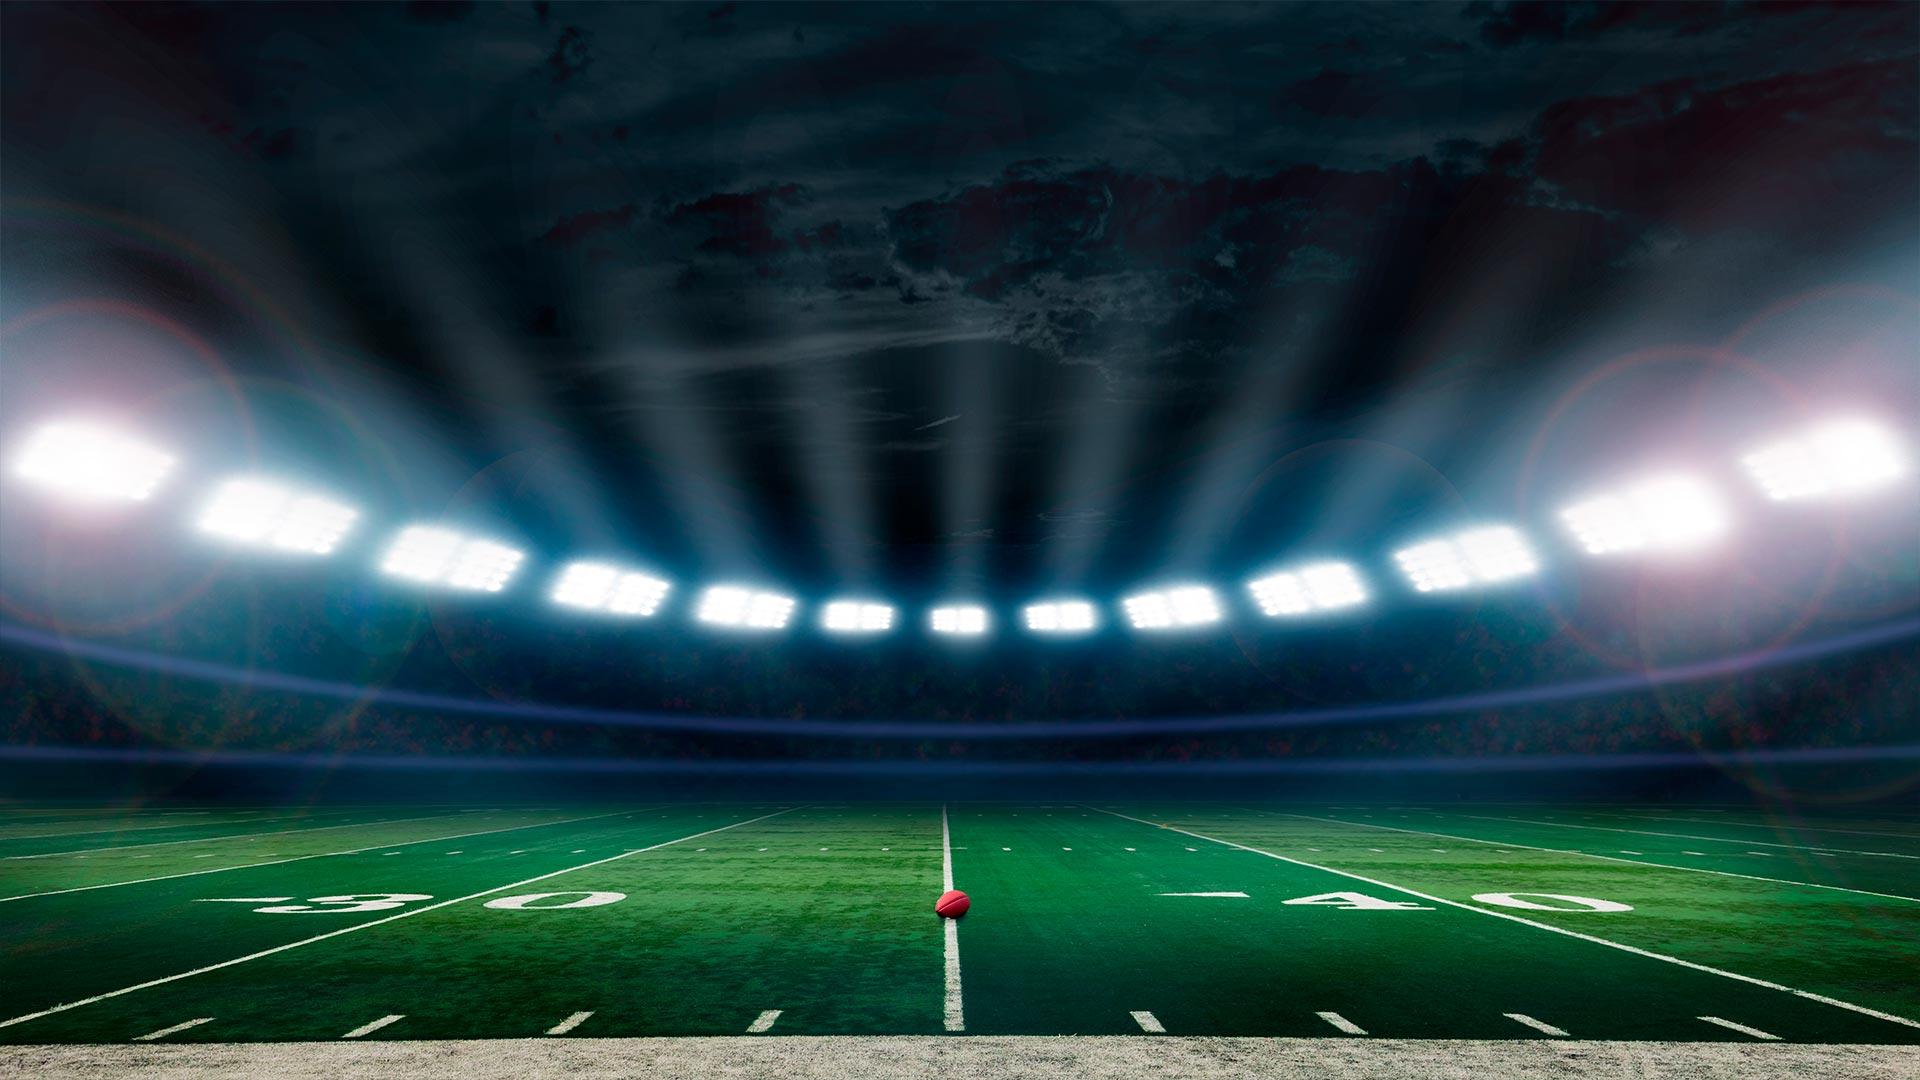 Estadio - FOTOS y VÍDEOS 360 para descargar - Descargas360.com